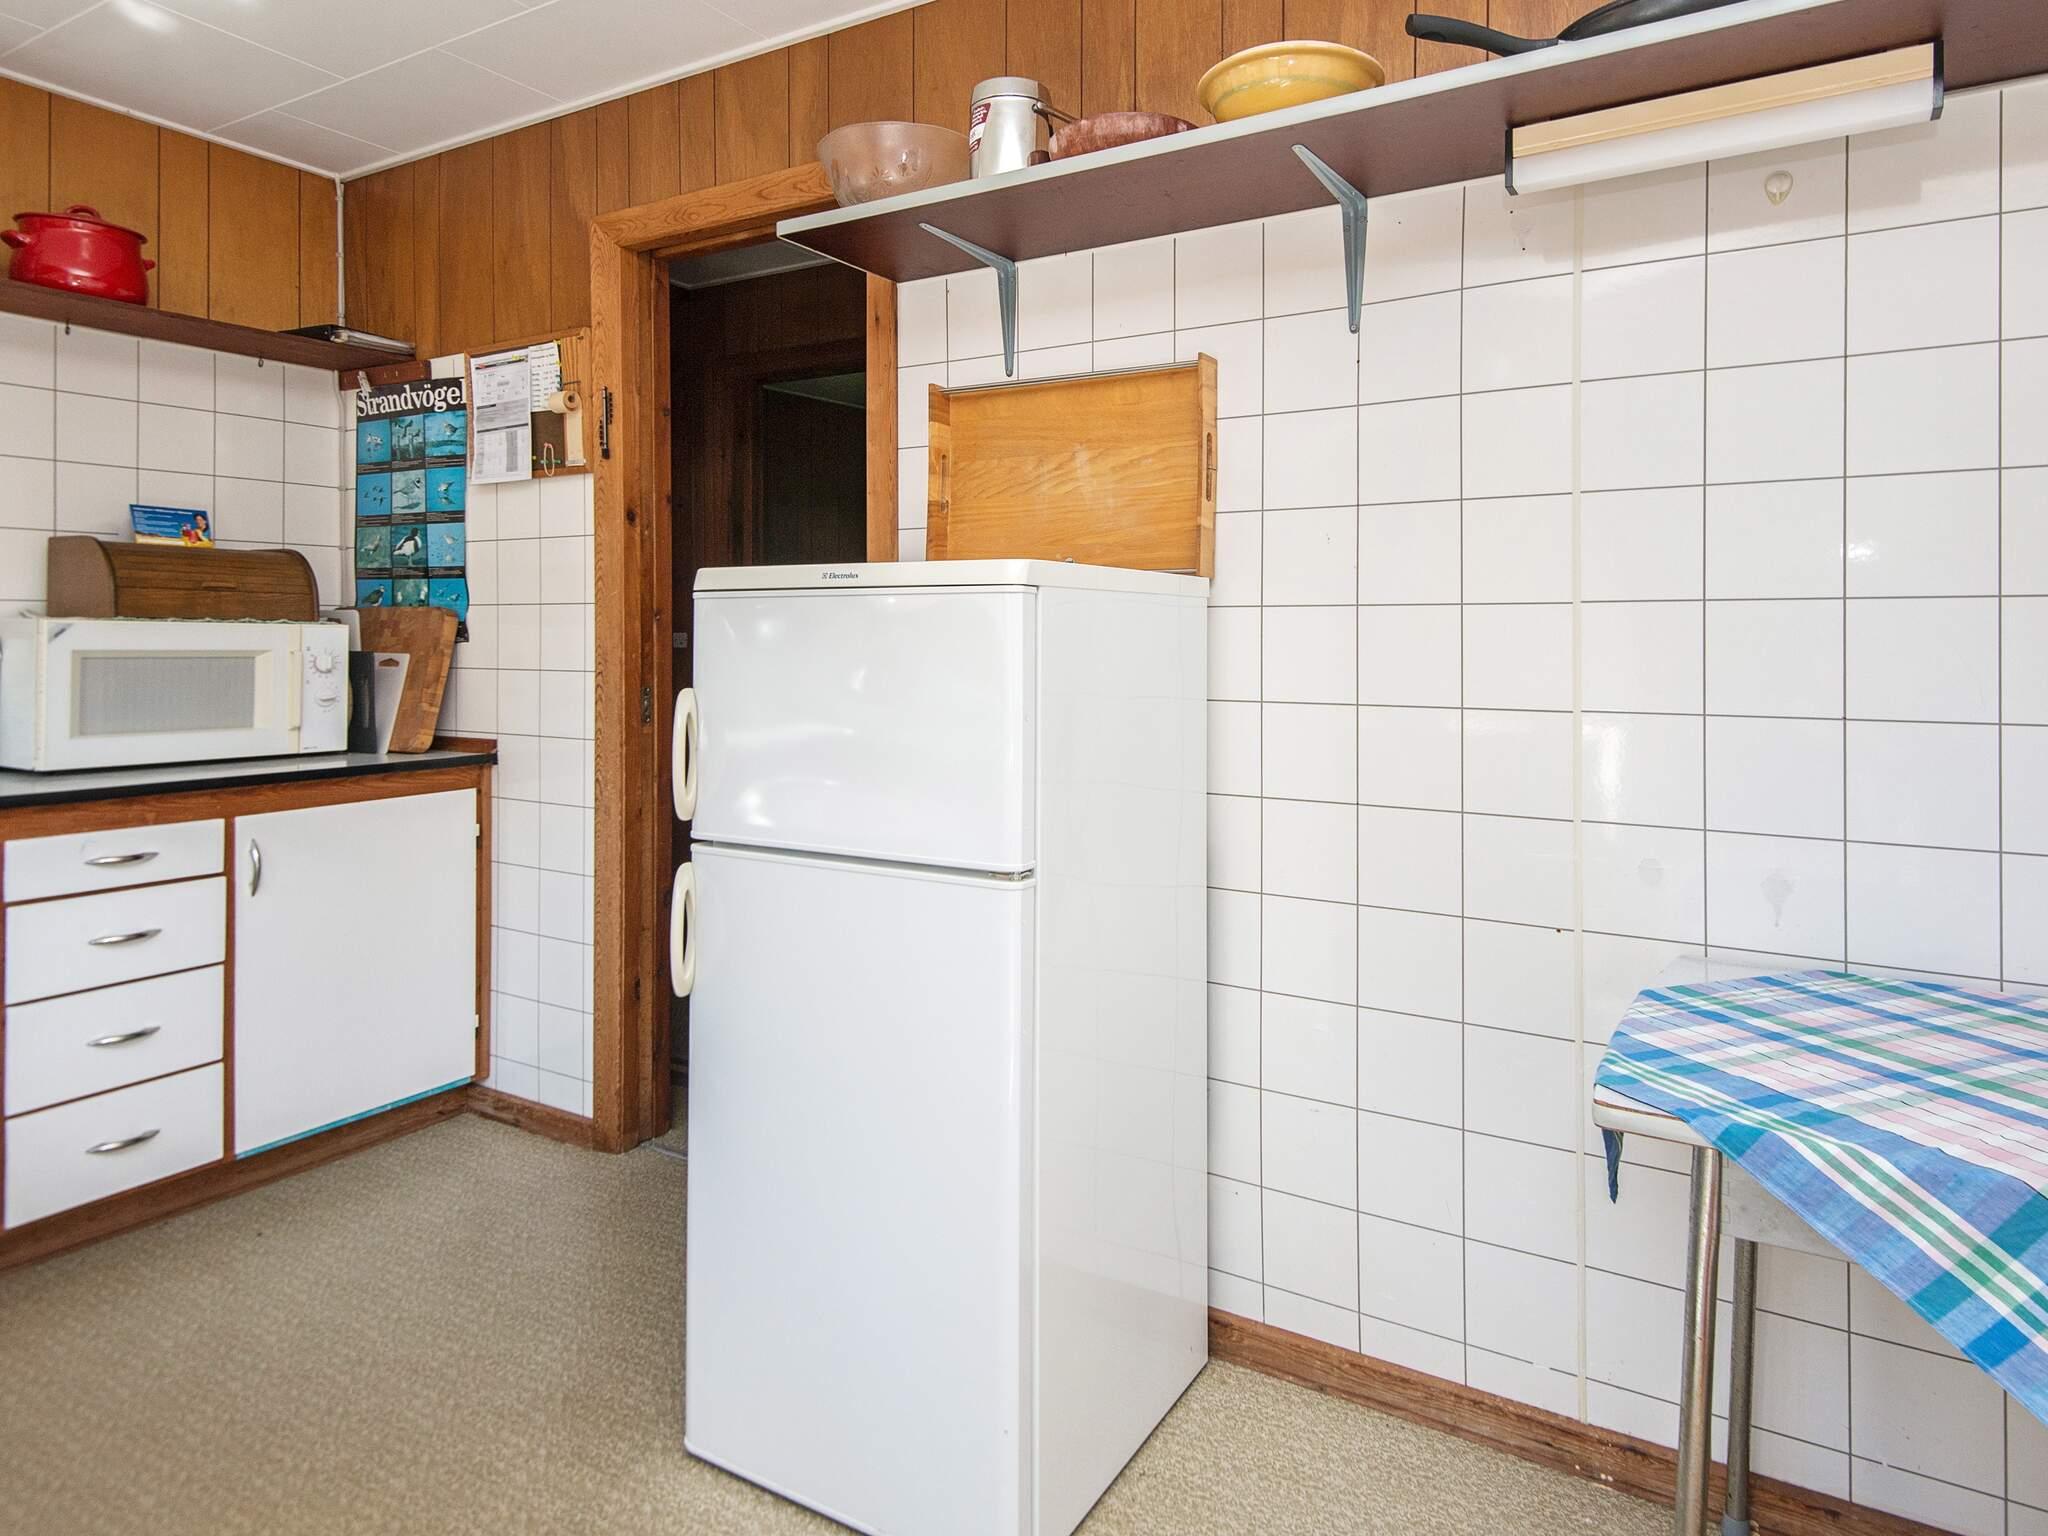 Ferienhaus Rømø/Sønder Strand (241767), Rømø, , Südwestjütland, Dänemark, Bild 8